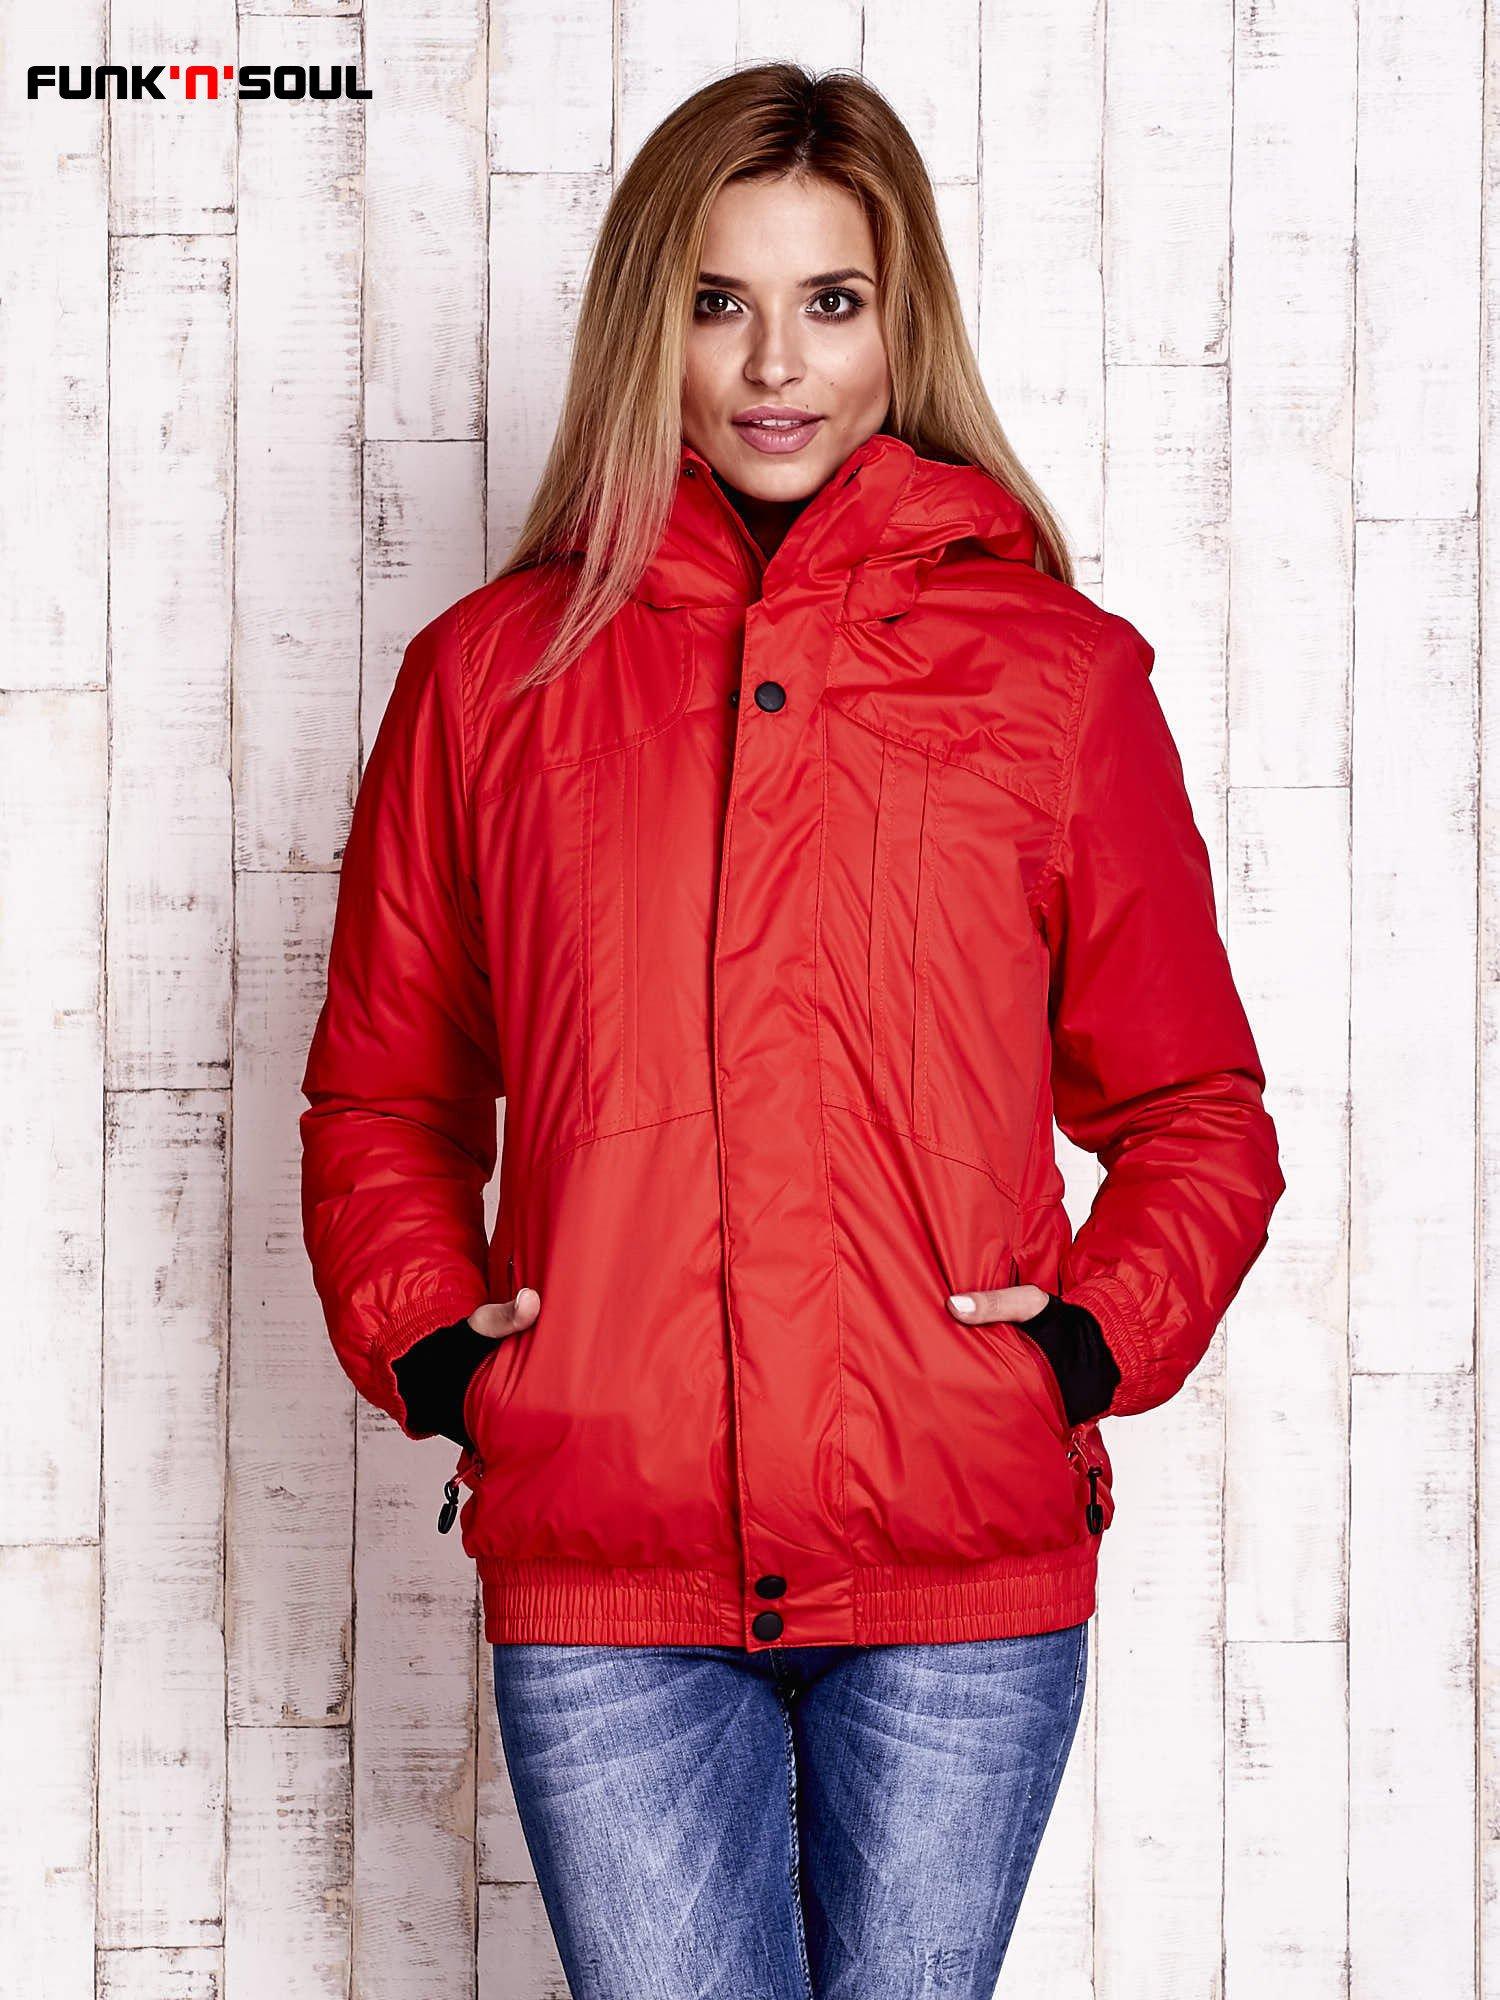 Czerwona ocieplana kurtka narciarska z kapturem FUNK N SOUL                                  zdj.                                  1